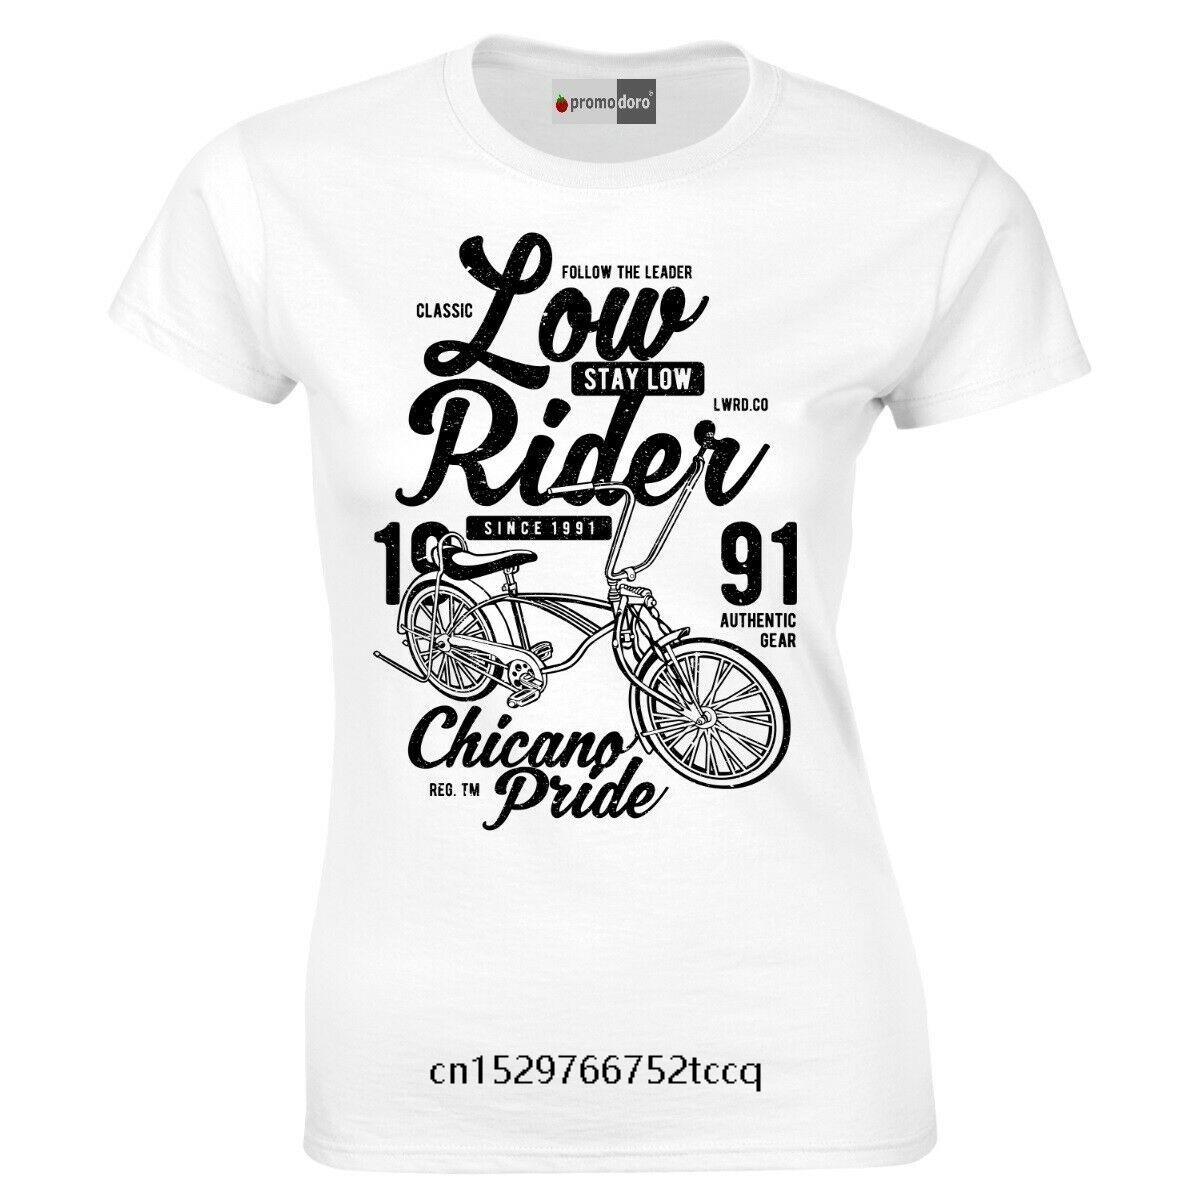 Yaz Moda Sokak Kısa Kollu T Shirt Low Rider Bisiklet VLO Fahrrad Erkekler Baskı% 100 Pamuk Tişört eğilim